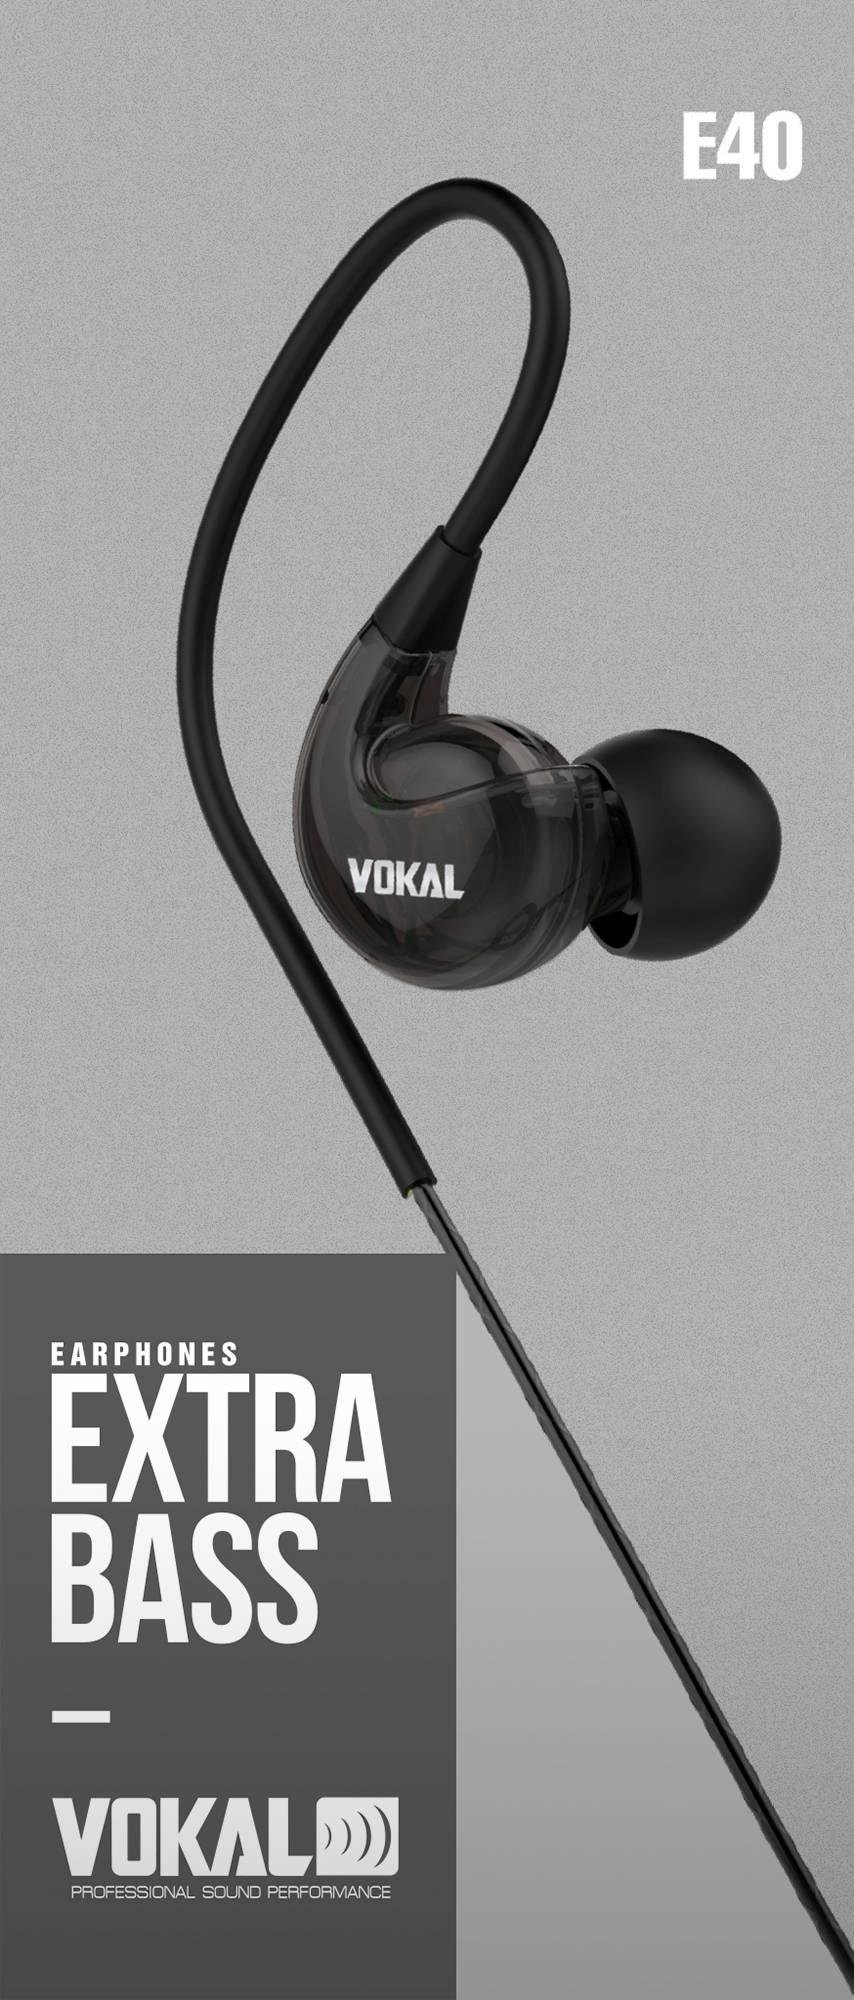 Fone de Ouvido Vokal E40 In Ear Preto